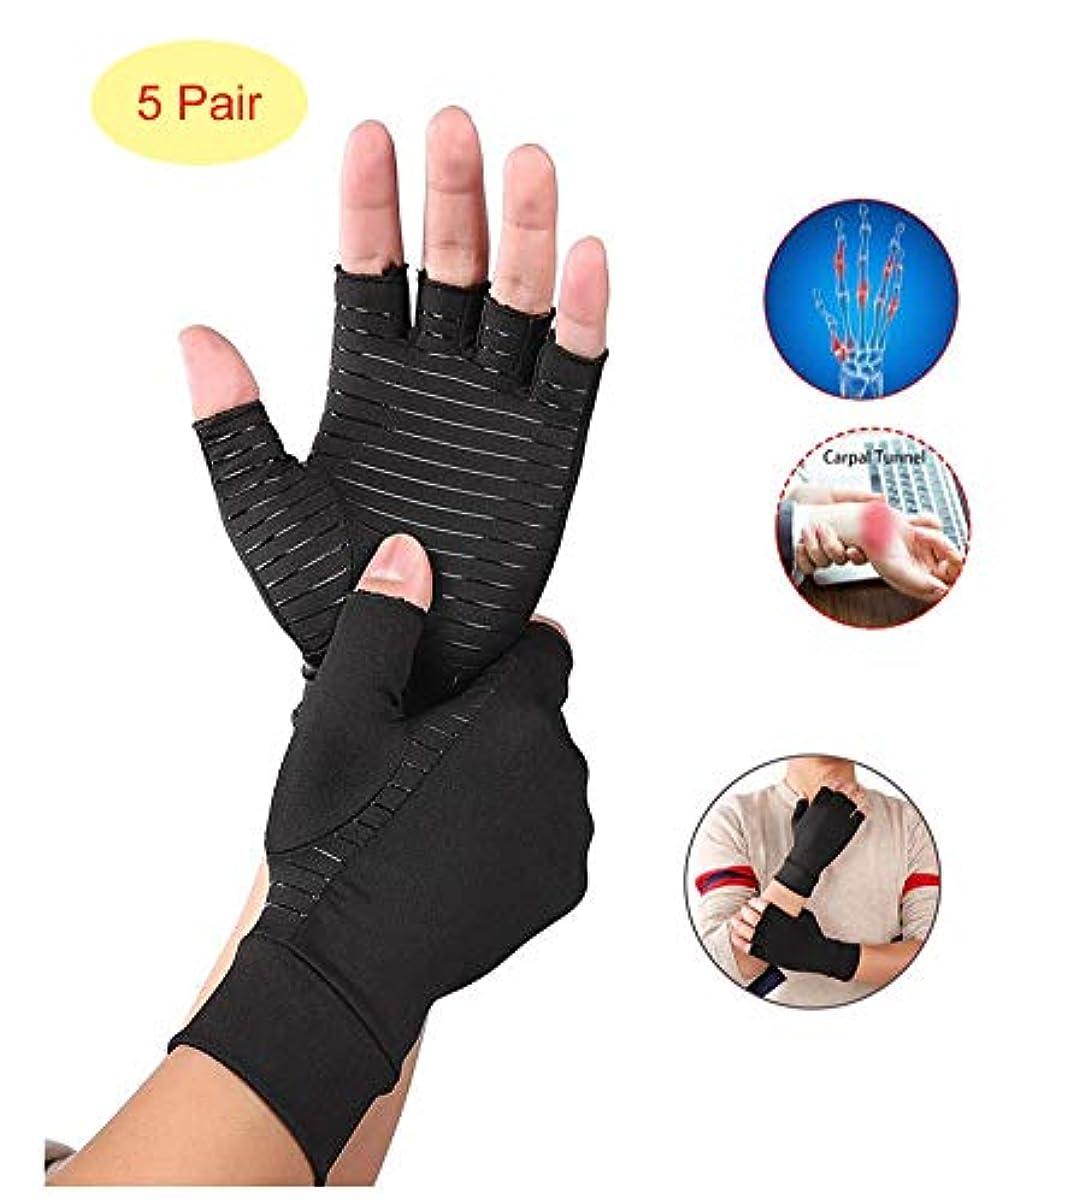 かかわらずリビジョンホールド関節炎手袋、5ペア、毎日の仕事、手、関節の痛みを和らげるための関節炎対策療法の圧縮手袋,M